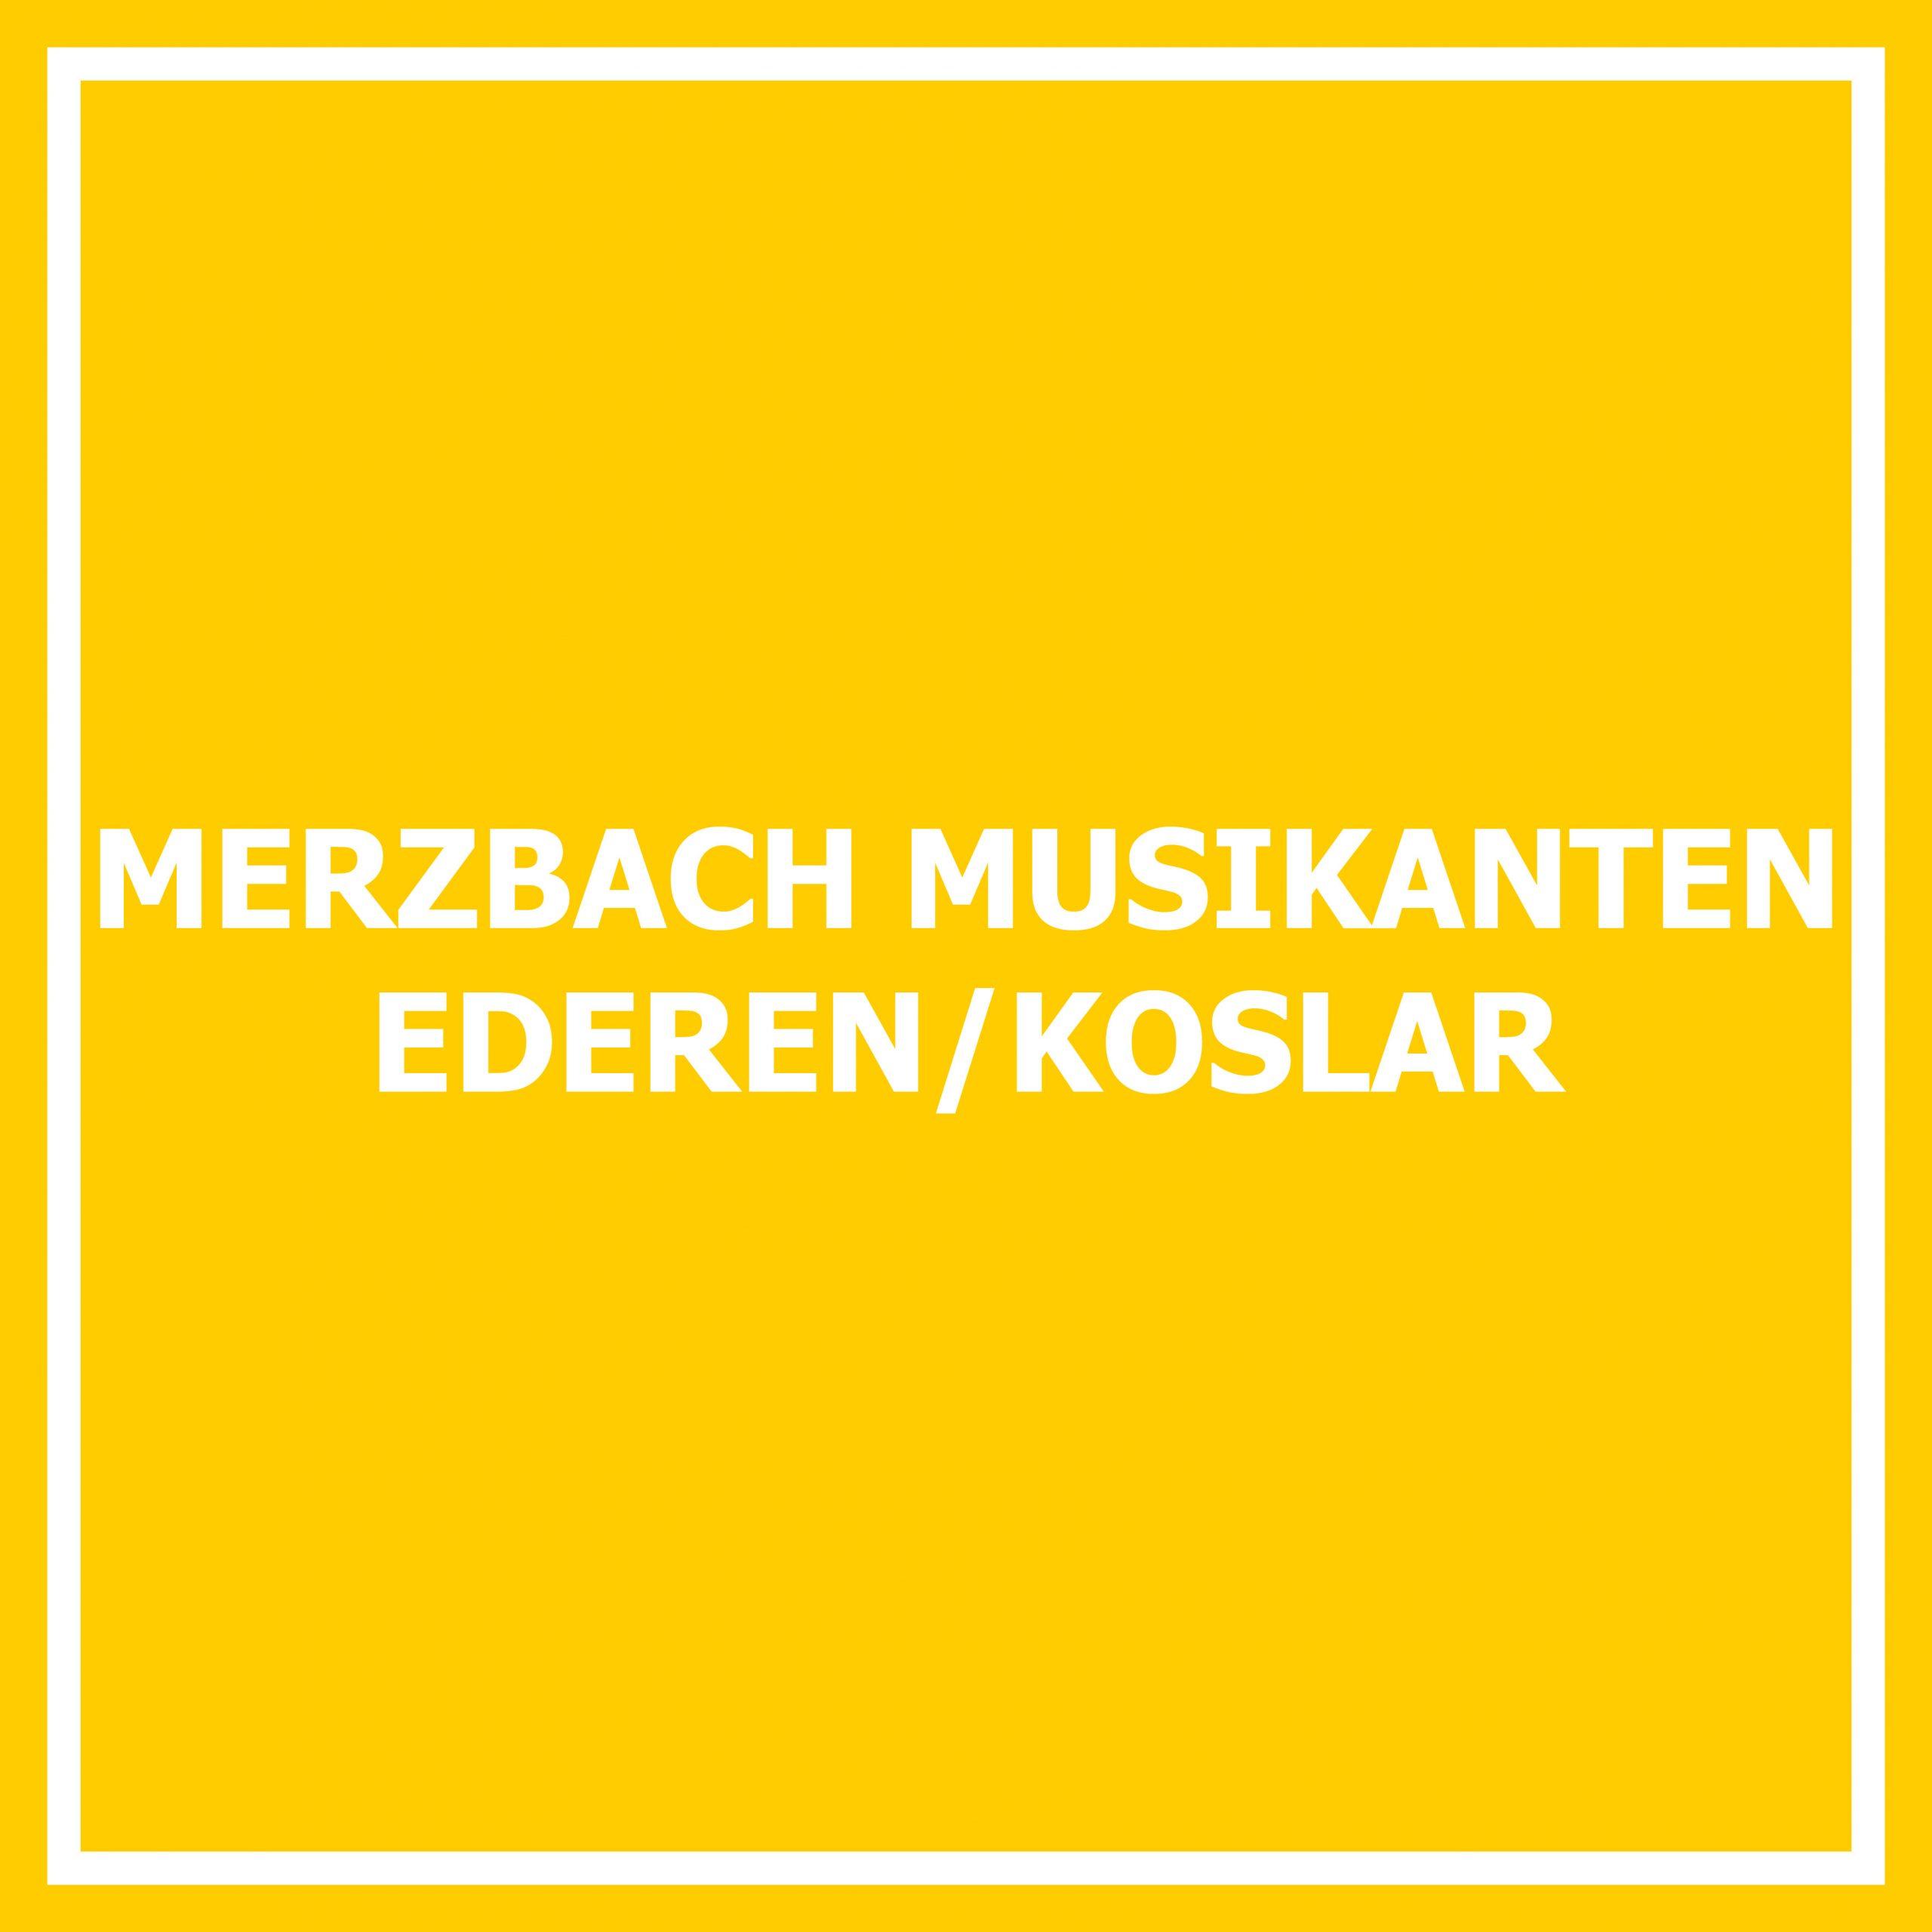 Merzbach-Muskanten Ederen/Koslar